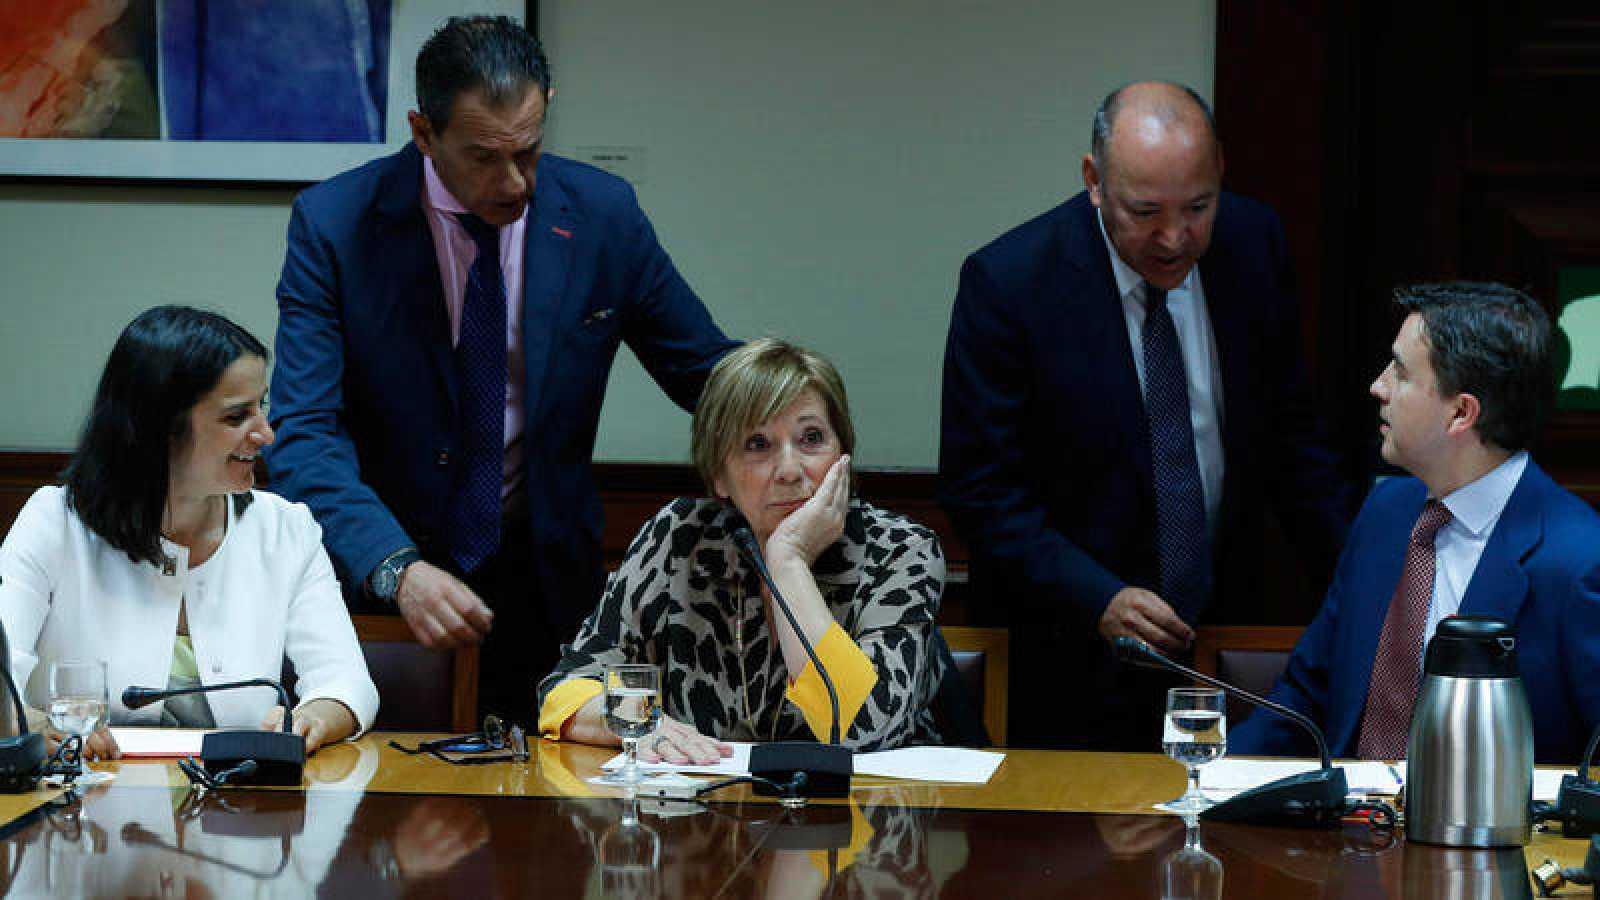 La presidenta de la Comisión de Seguimiento y Evaluación de los Acuerdos Pacto de Toledo, Celia Villalobos (c), conversa con los integrantes de dicha comisión